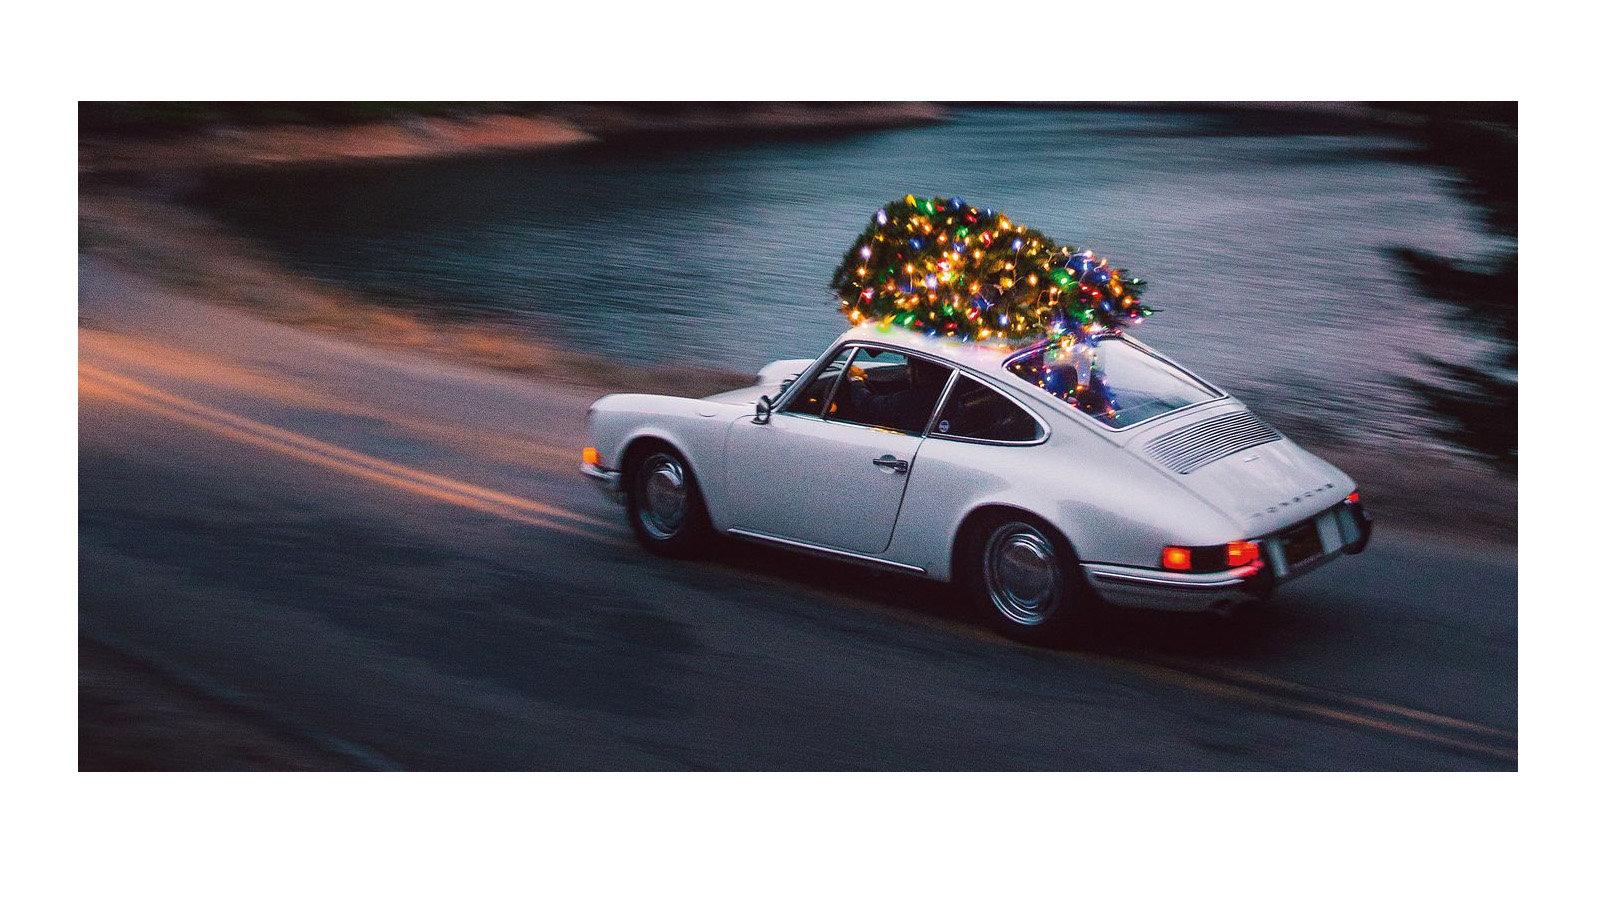 Rennlist Christmas 2020 9 Porsches Bringing Home Christmas Trees | Rennlist